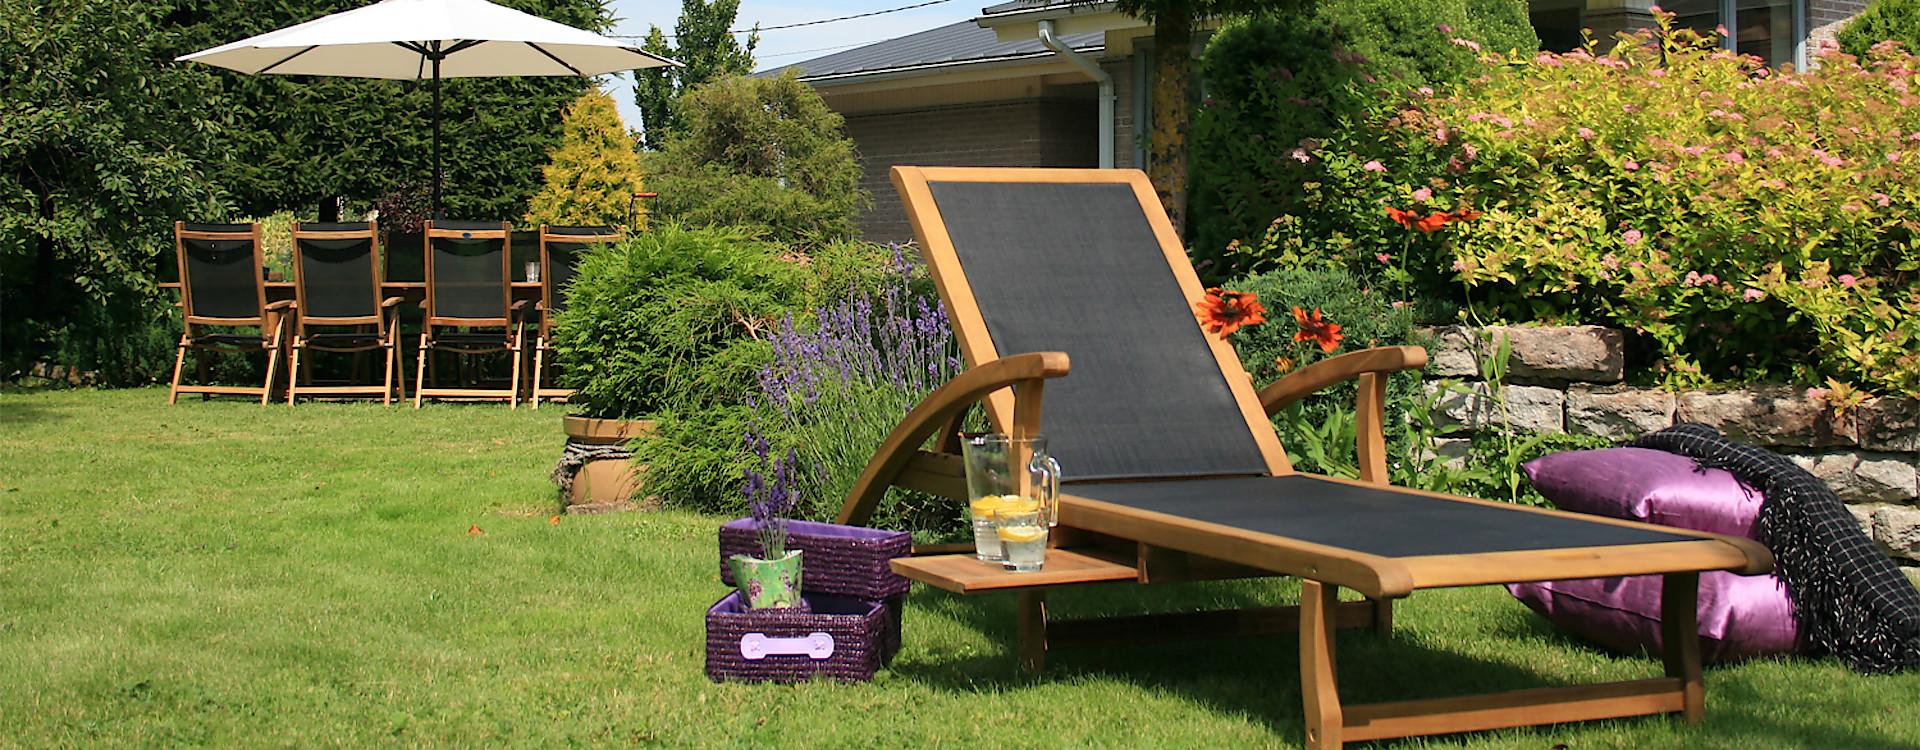 Купити в Україні садові шезлонги Garden4You за вигідною ціною гуртом та в роздріб